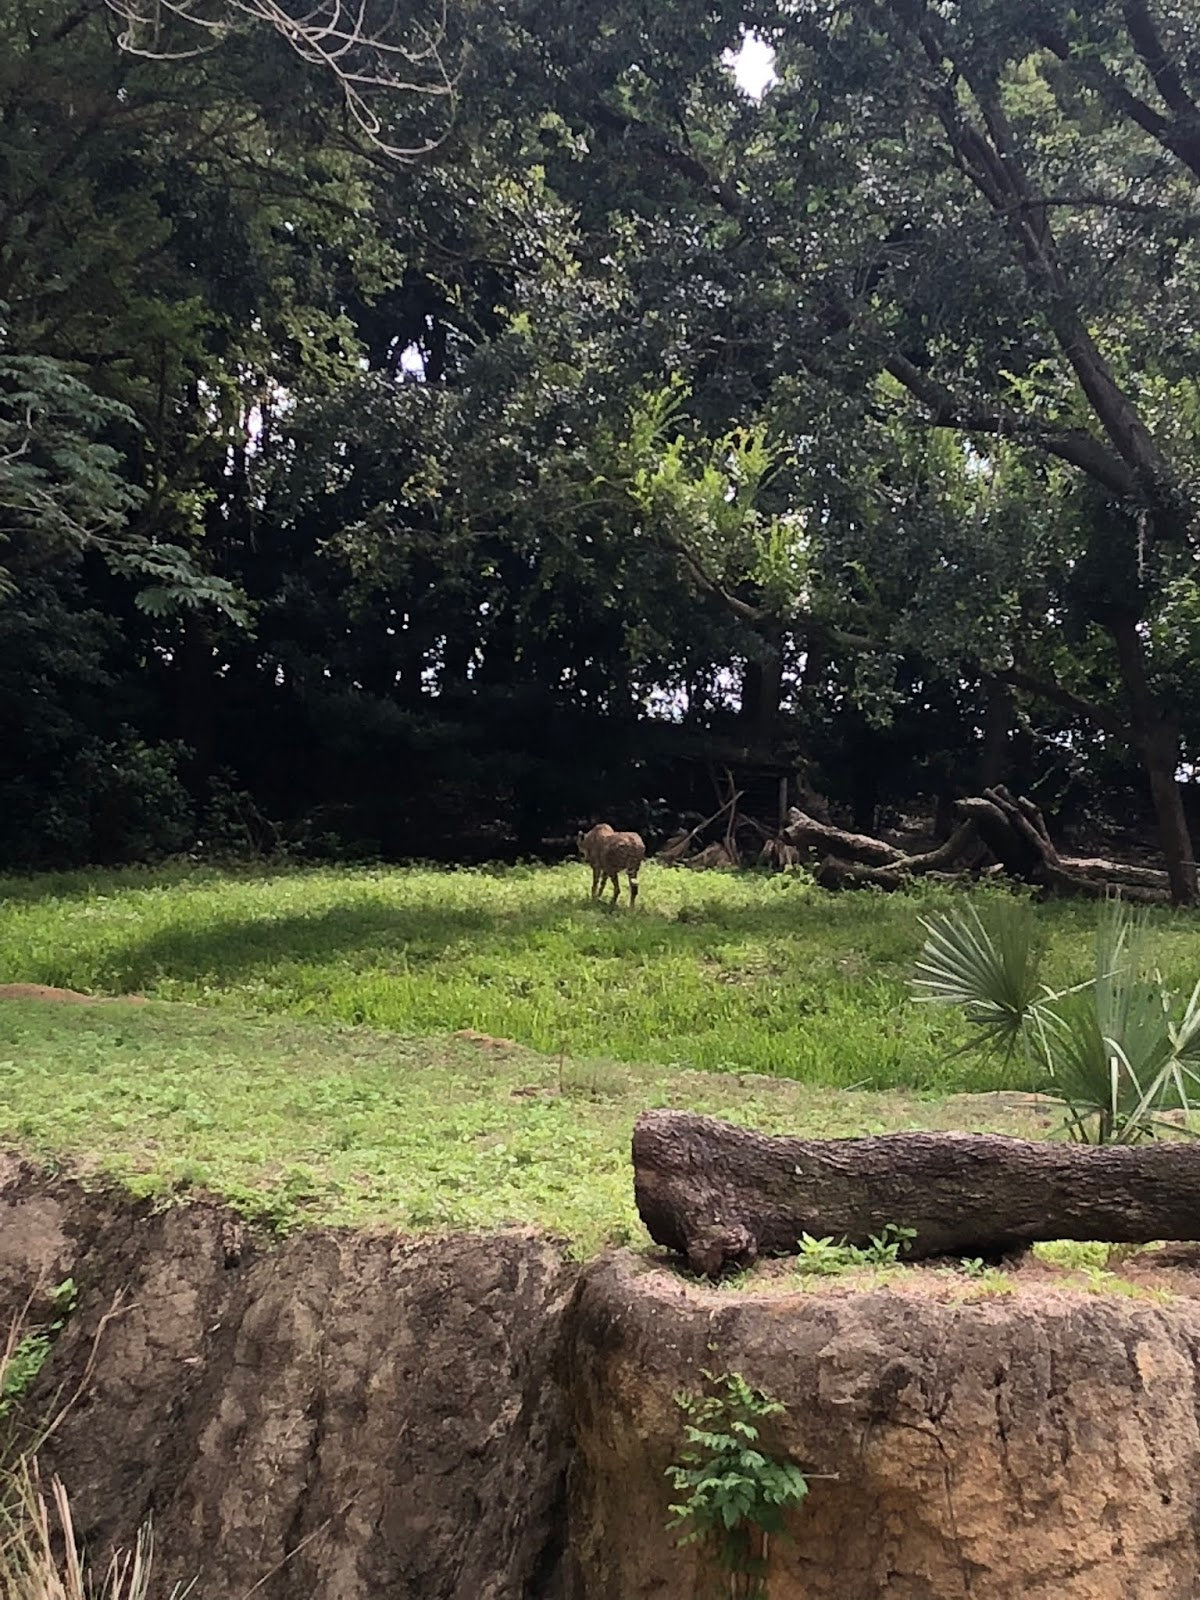 Stephanie Kamp Blog: Disney June 2018 Trip 1